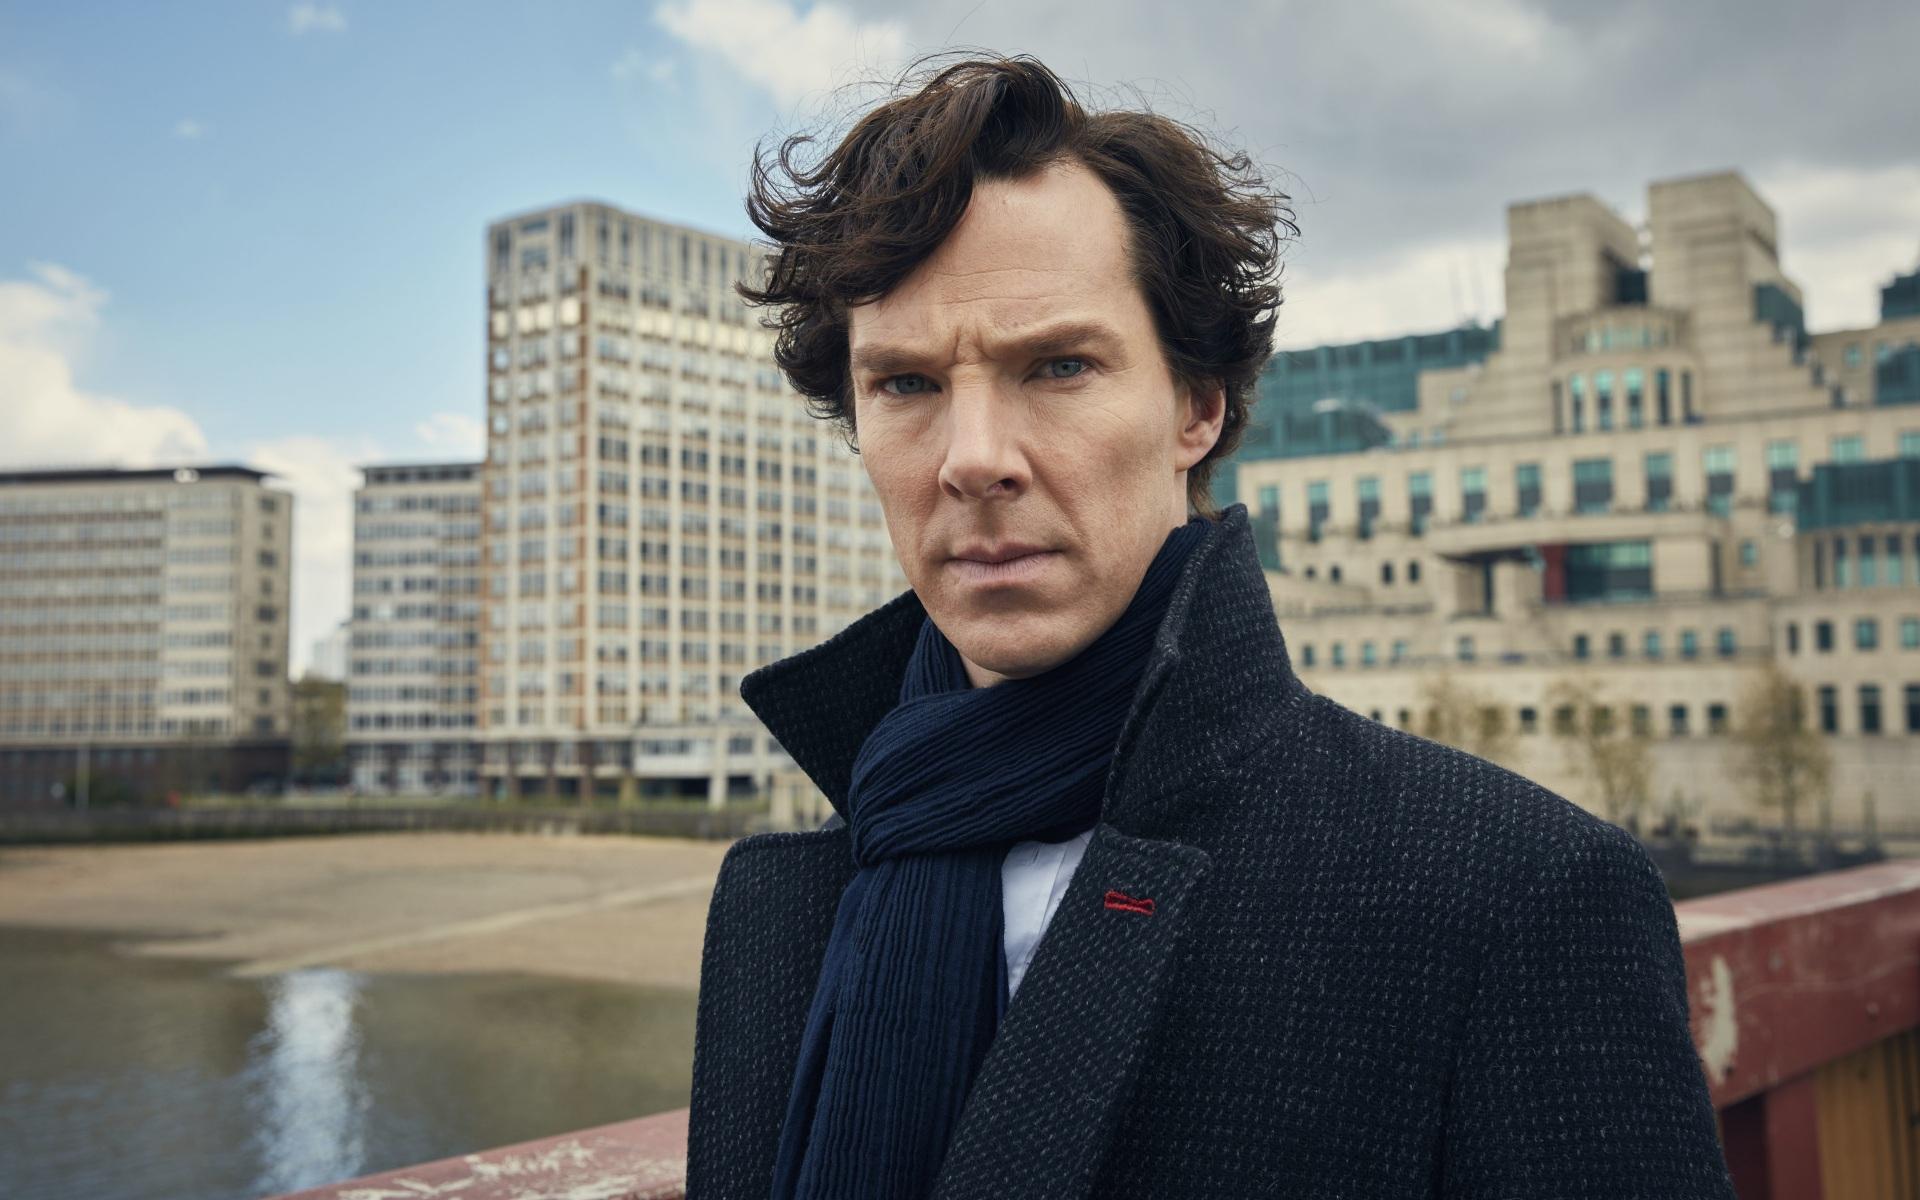 Benedict Cumberbatch rechazará papeles actrices ganen lo mismo